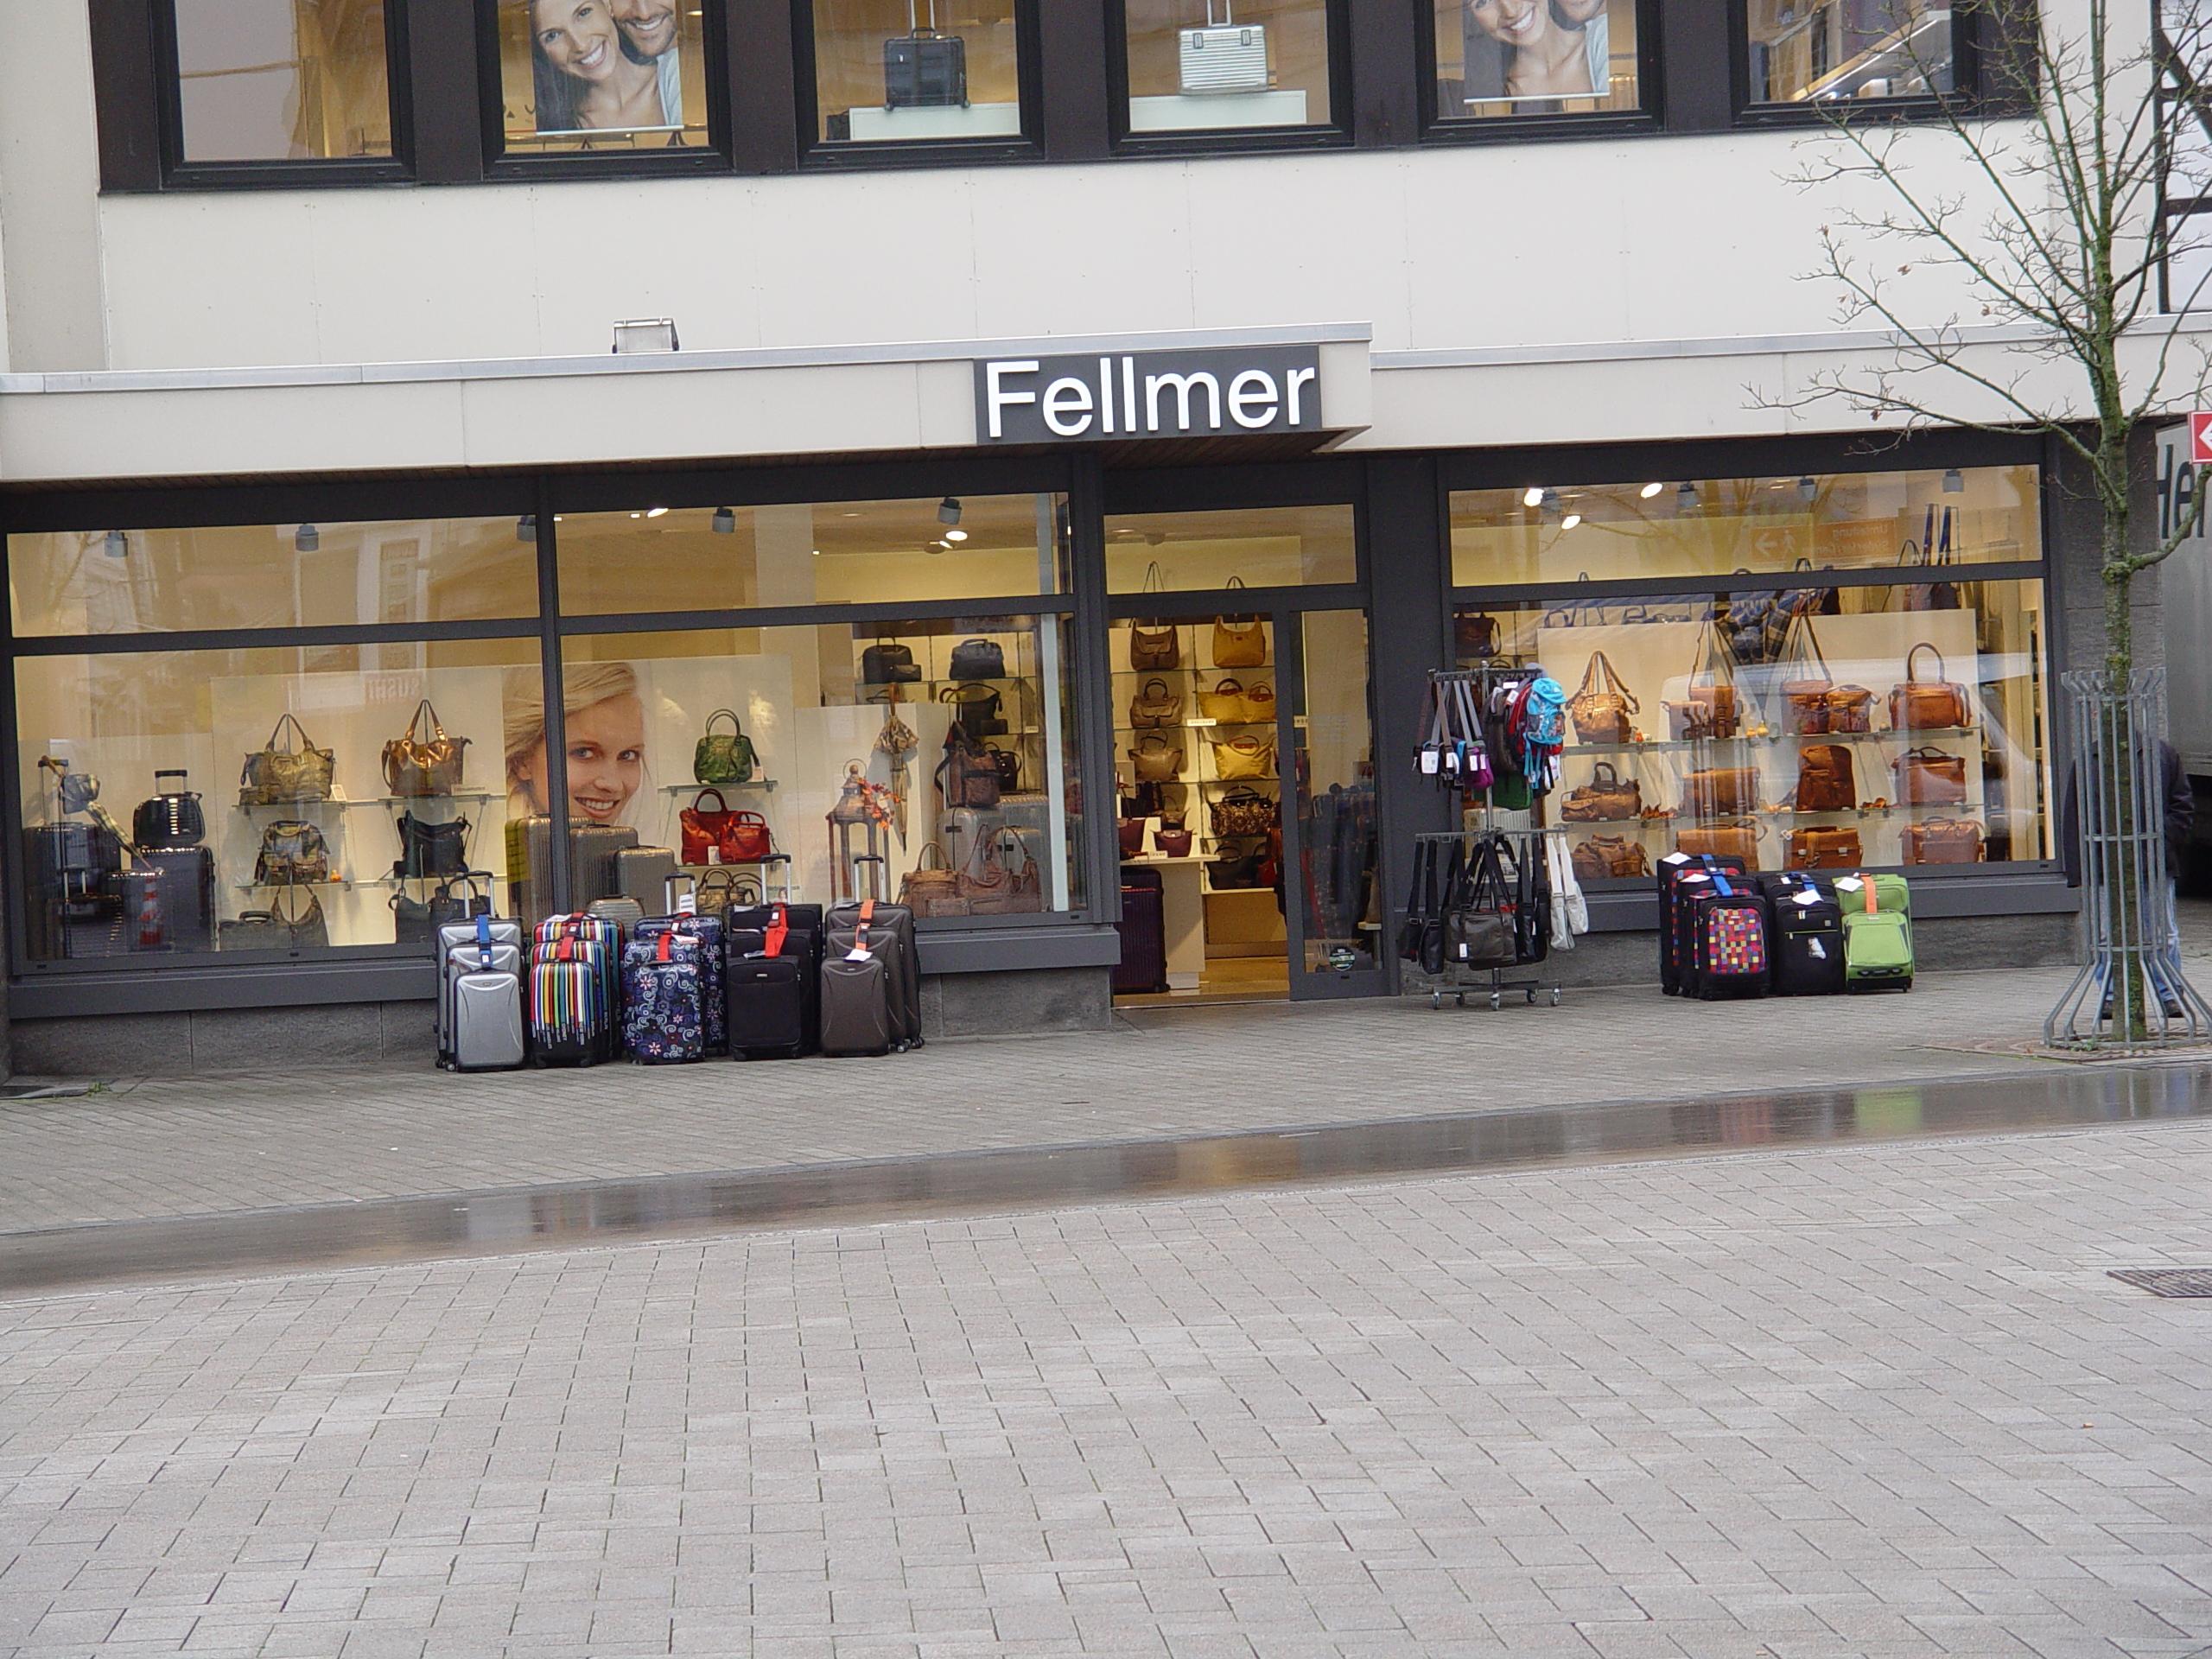 Fellmer_4040